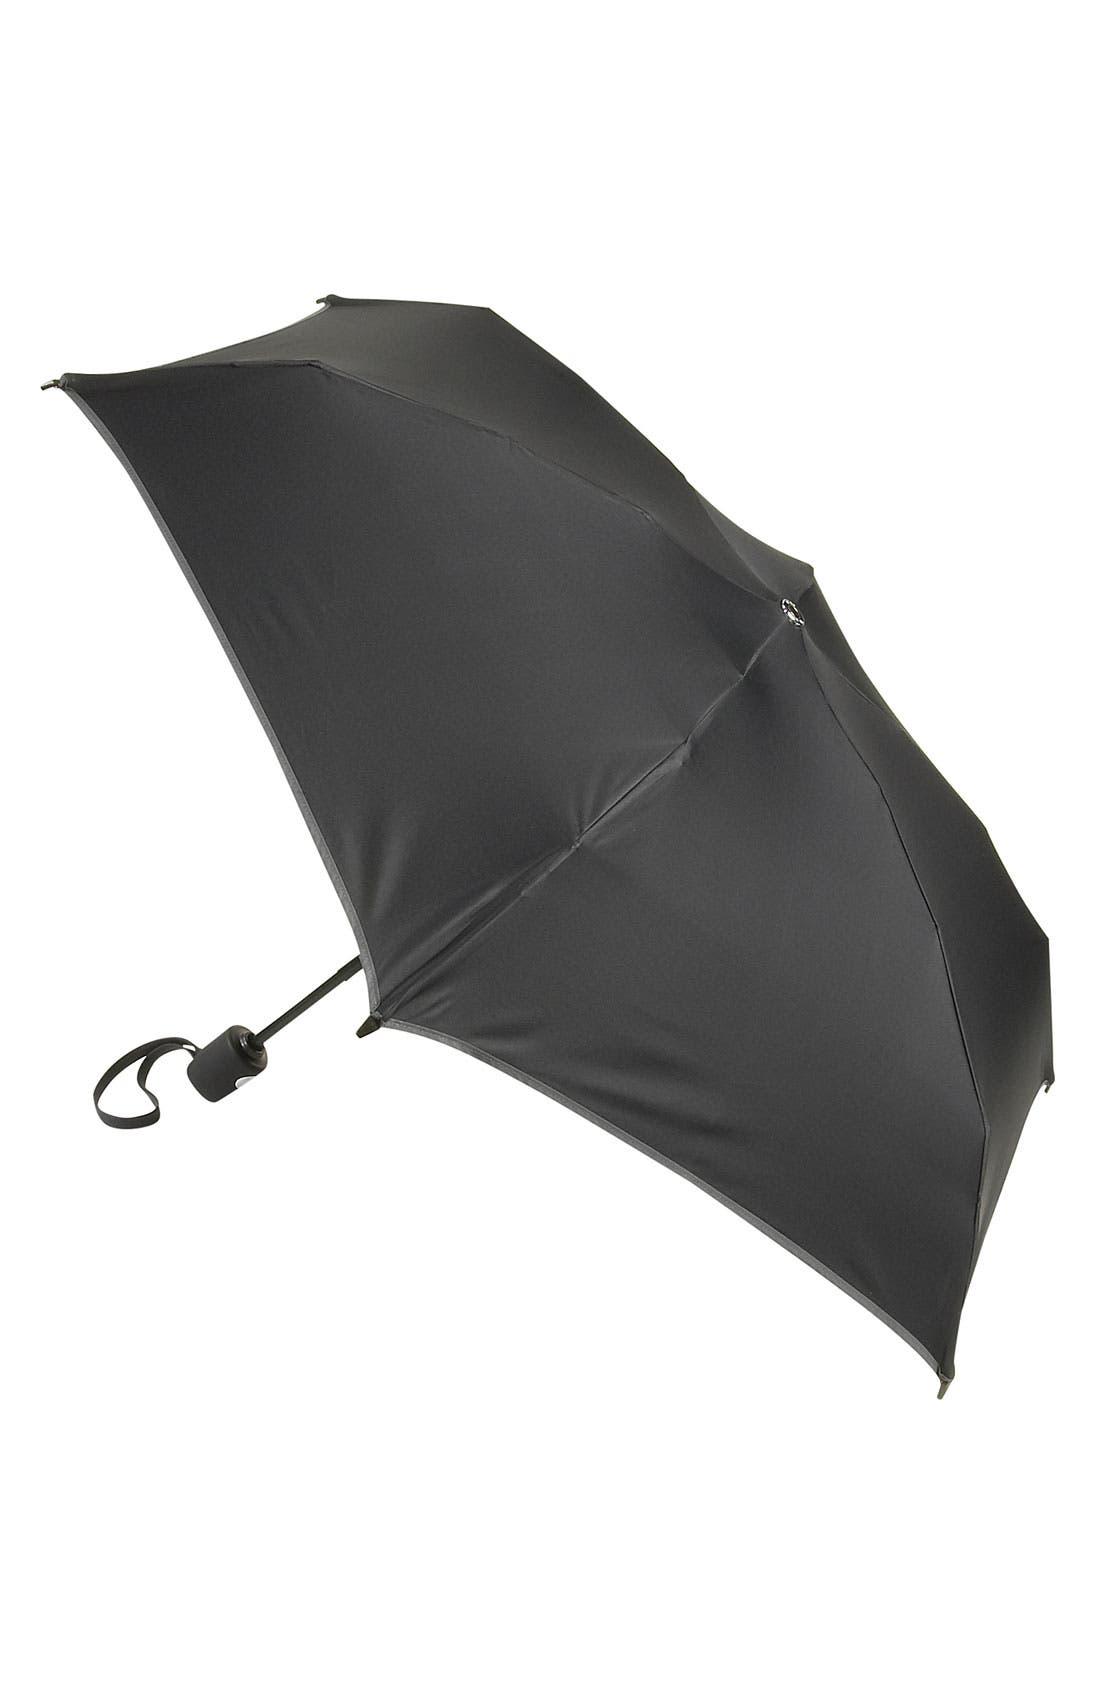 Main Image - Tumi Small Auto Close Umbrella